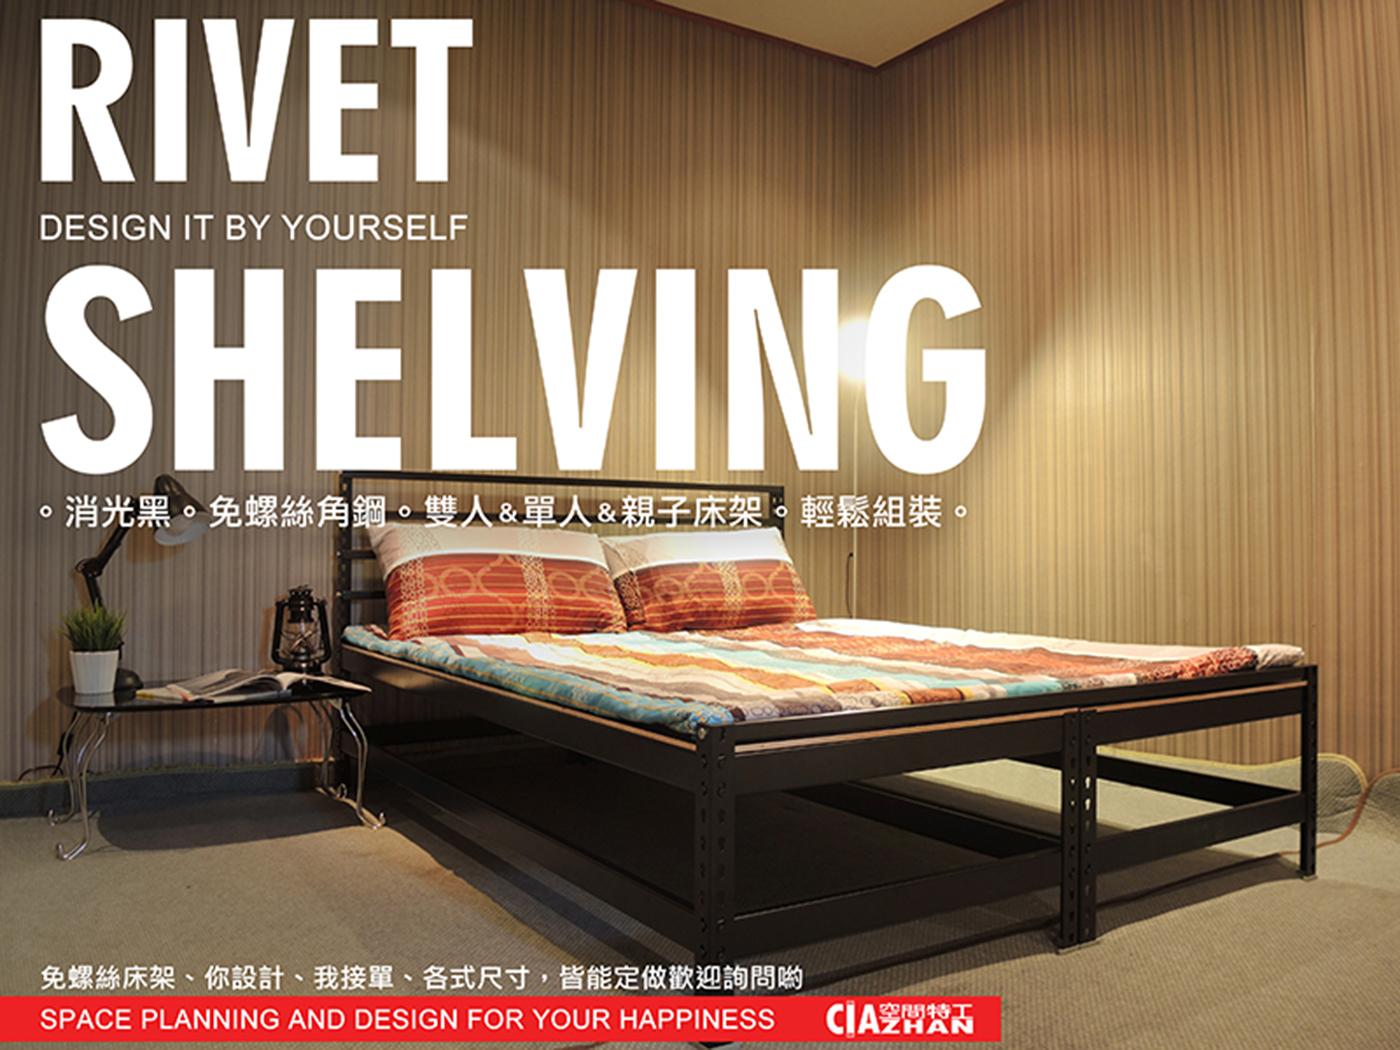 5尺雙人床架♞空間特工♞超耐重上百公斤 消光黑工業風 床架/床底/床板 免運費最低價 免螺絲角鋼床